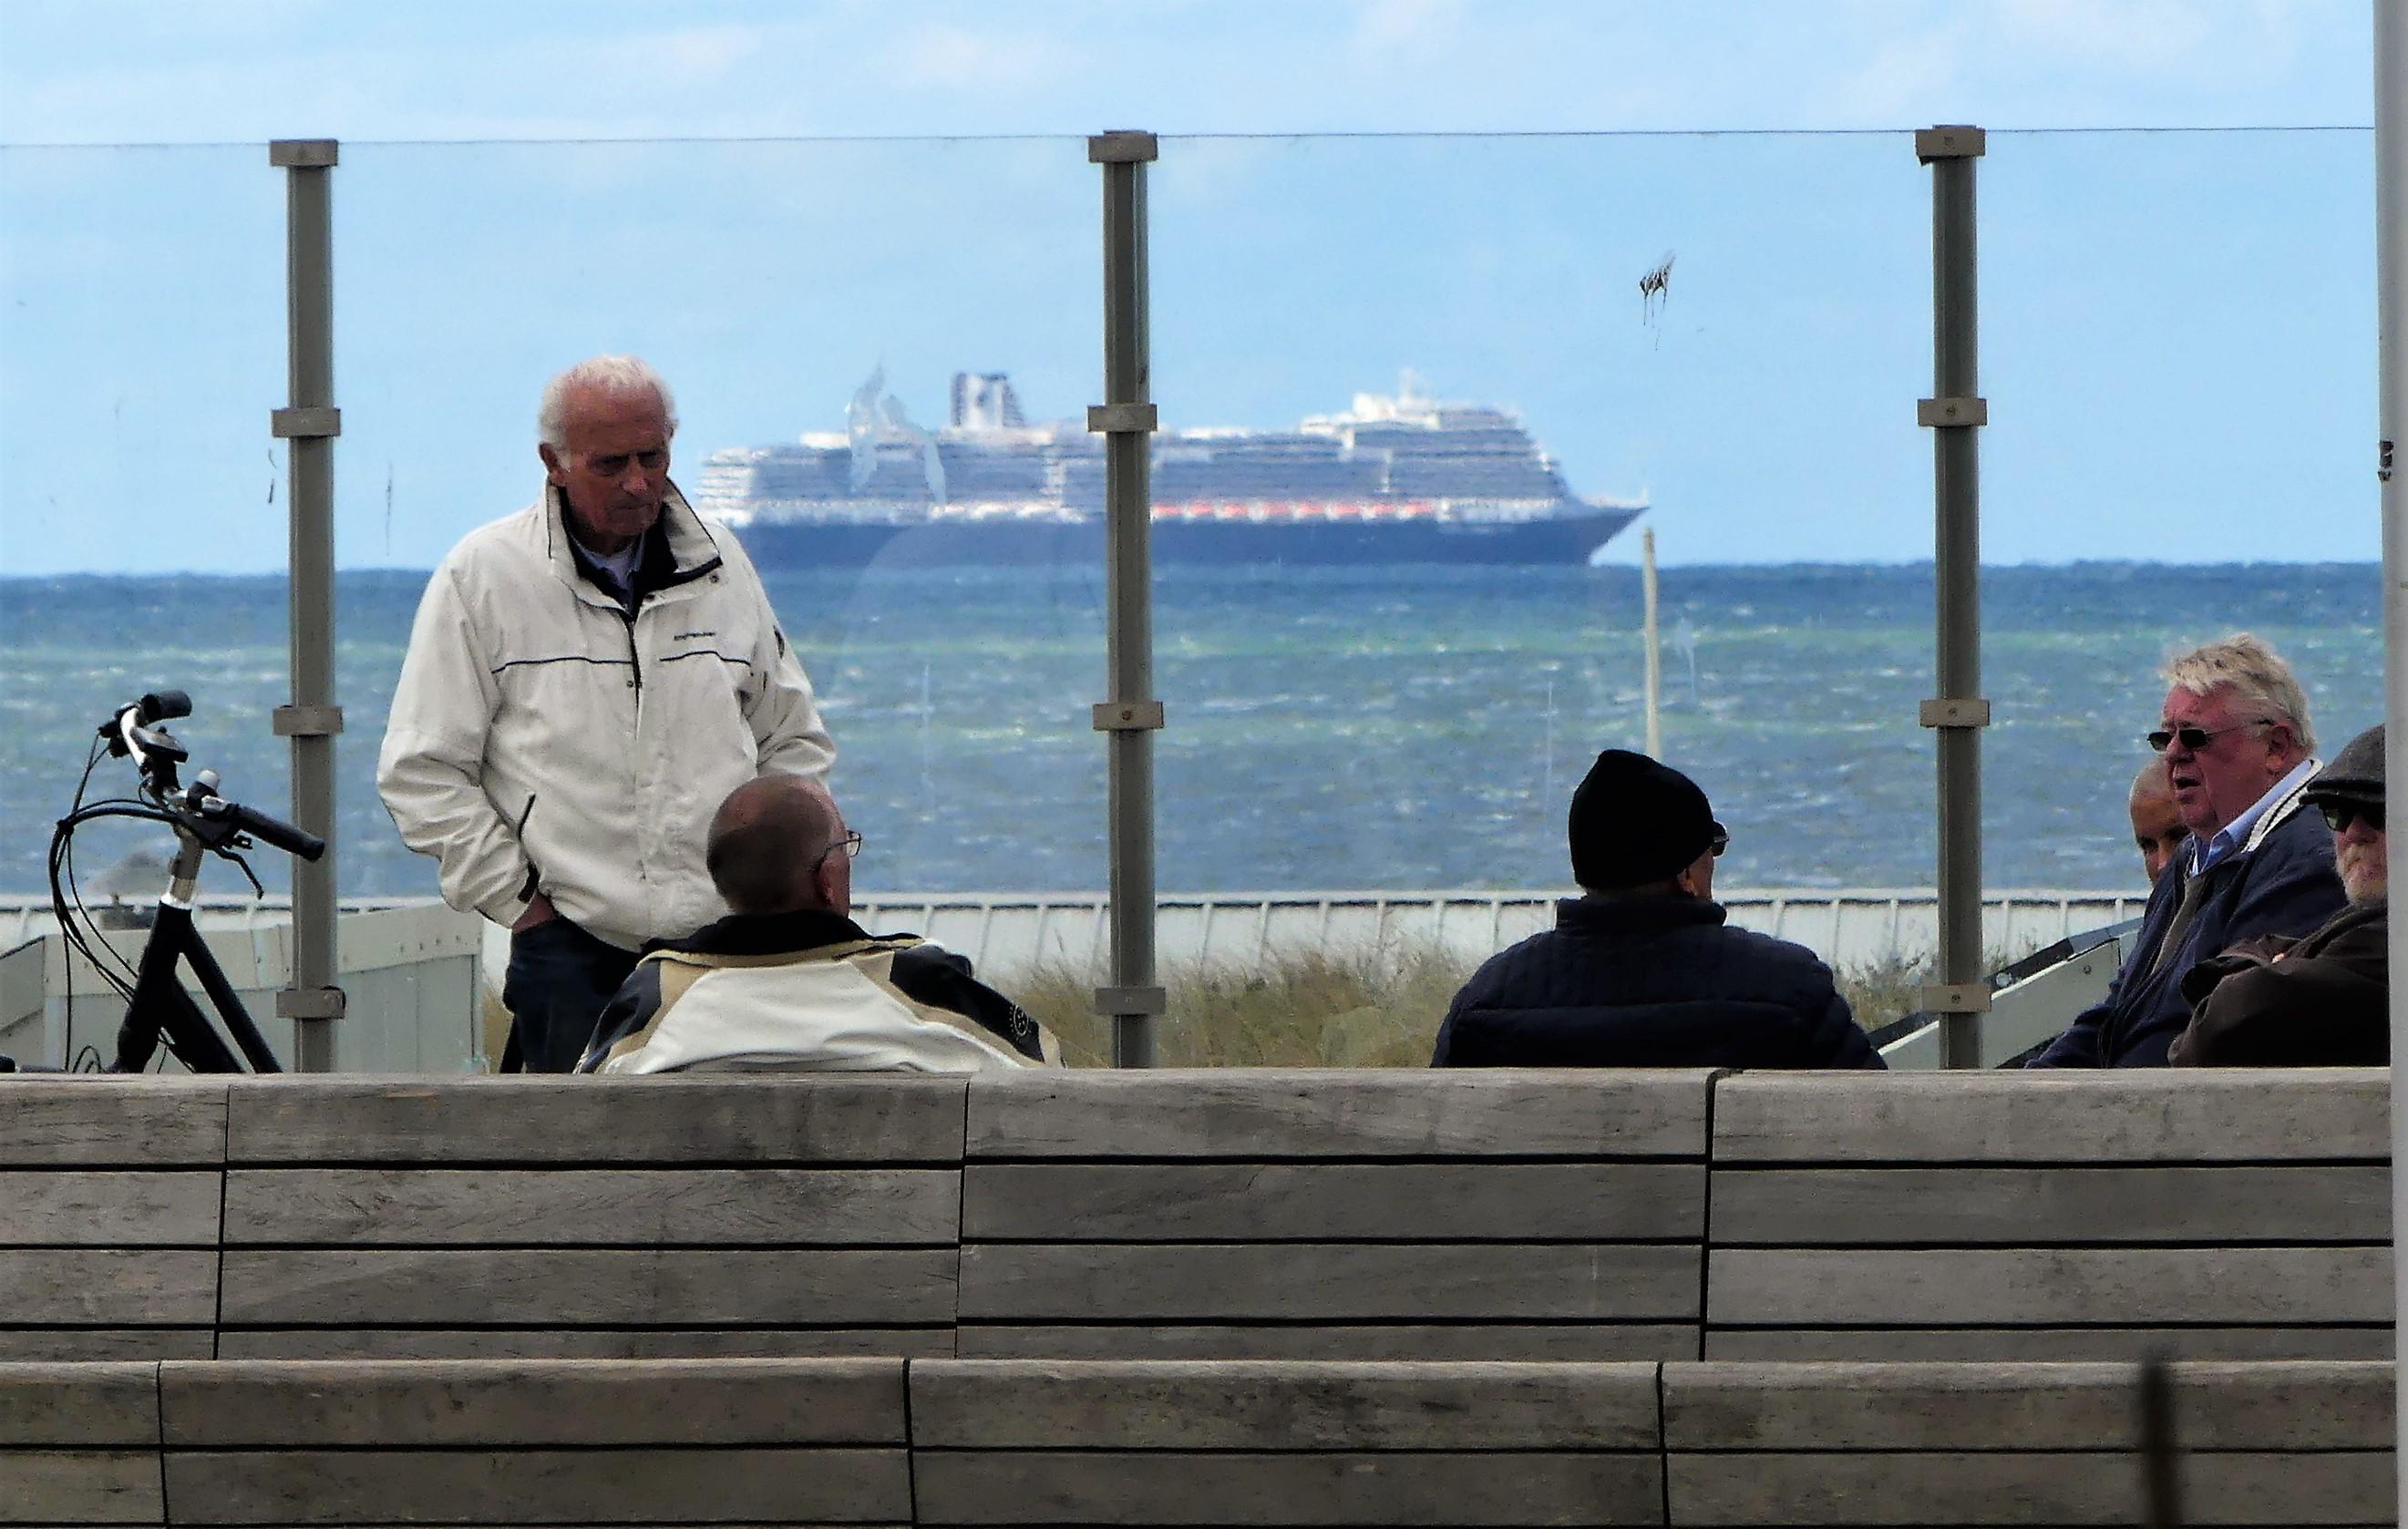 Katwijk ziet nog lang geen uitweg uit stikstofcrisis: 'Het zou ons enorm helpen als schepen langzamer varen'